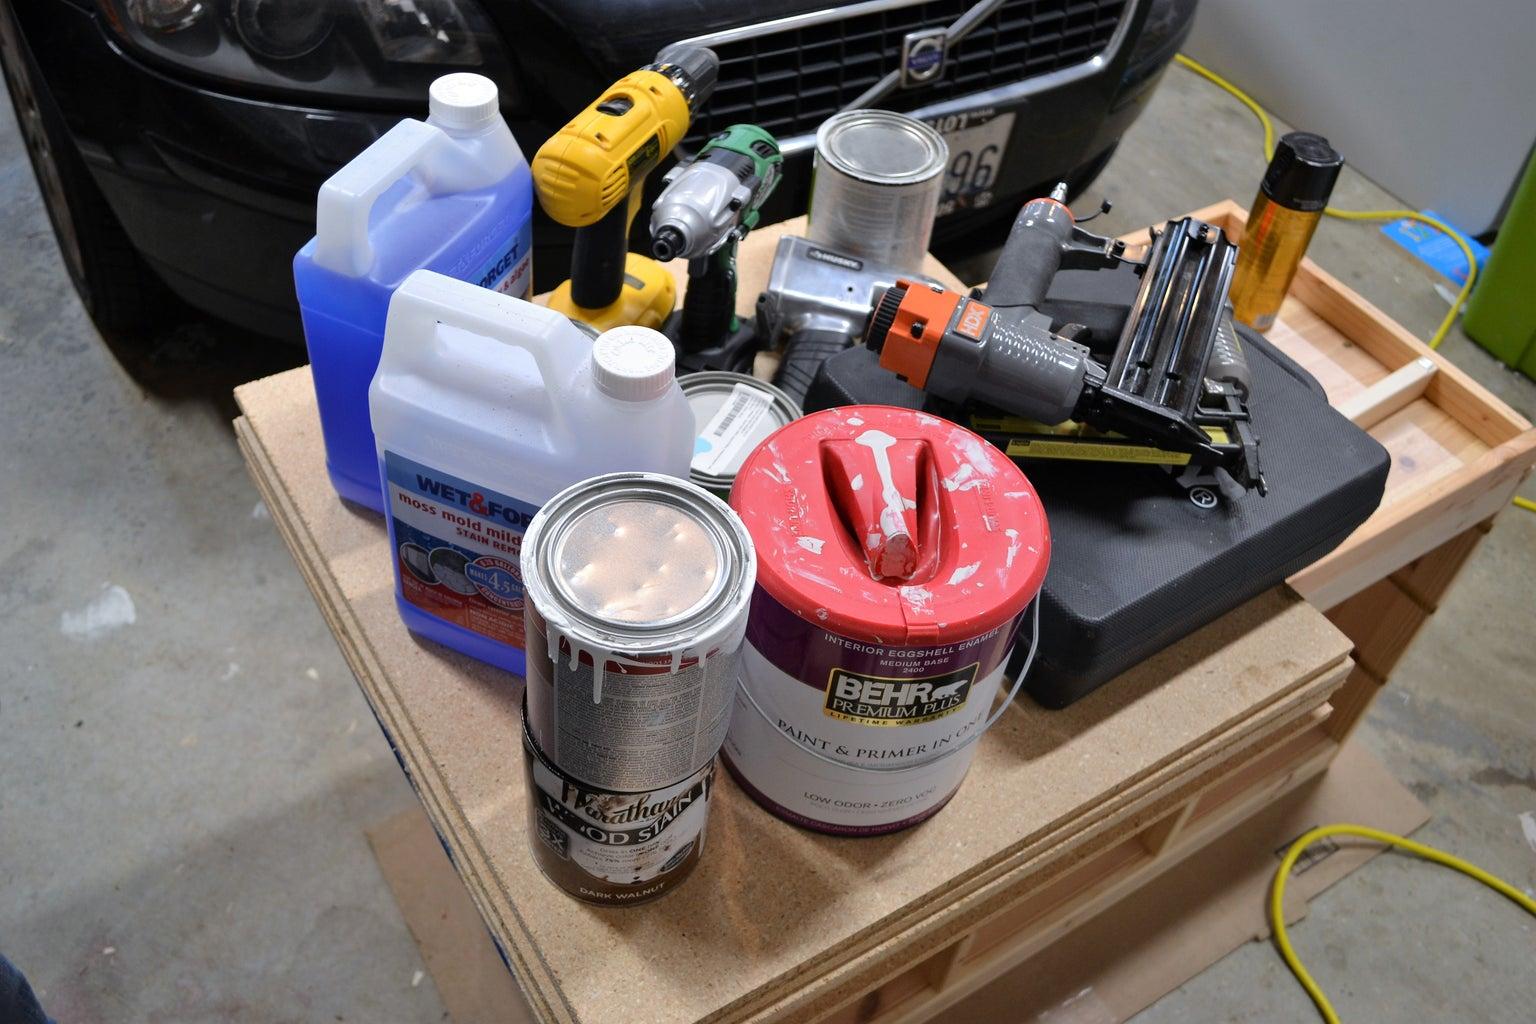 Glue Baseplates